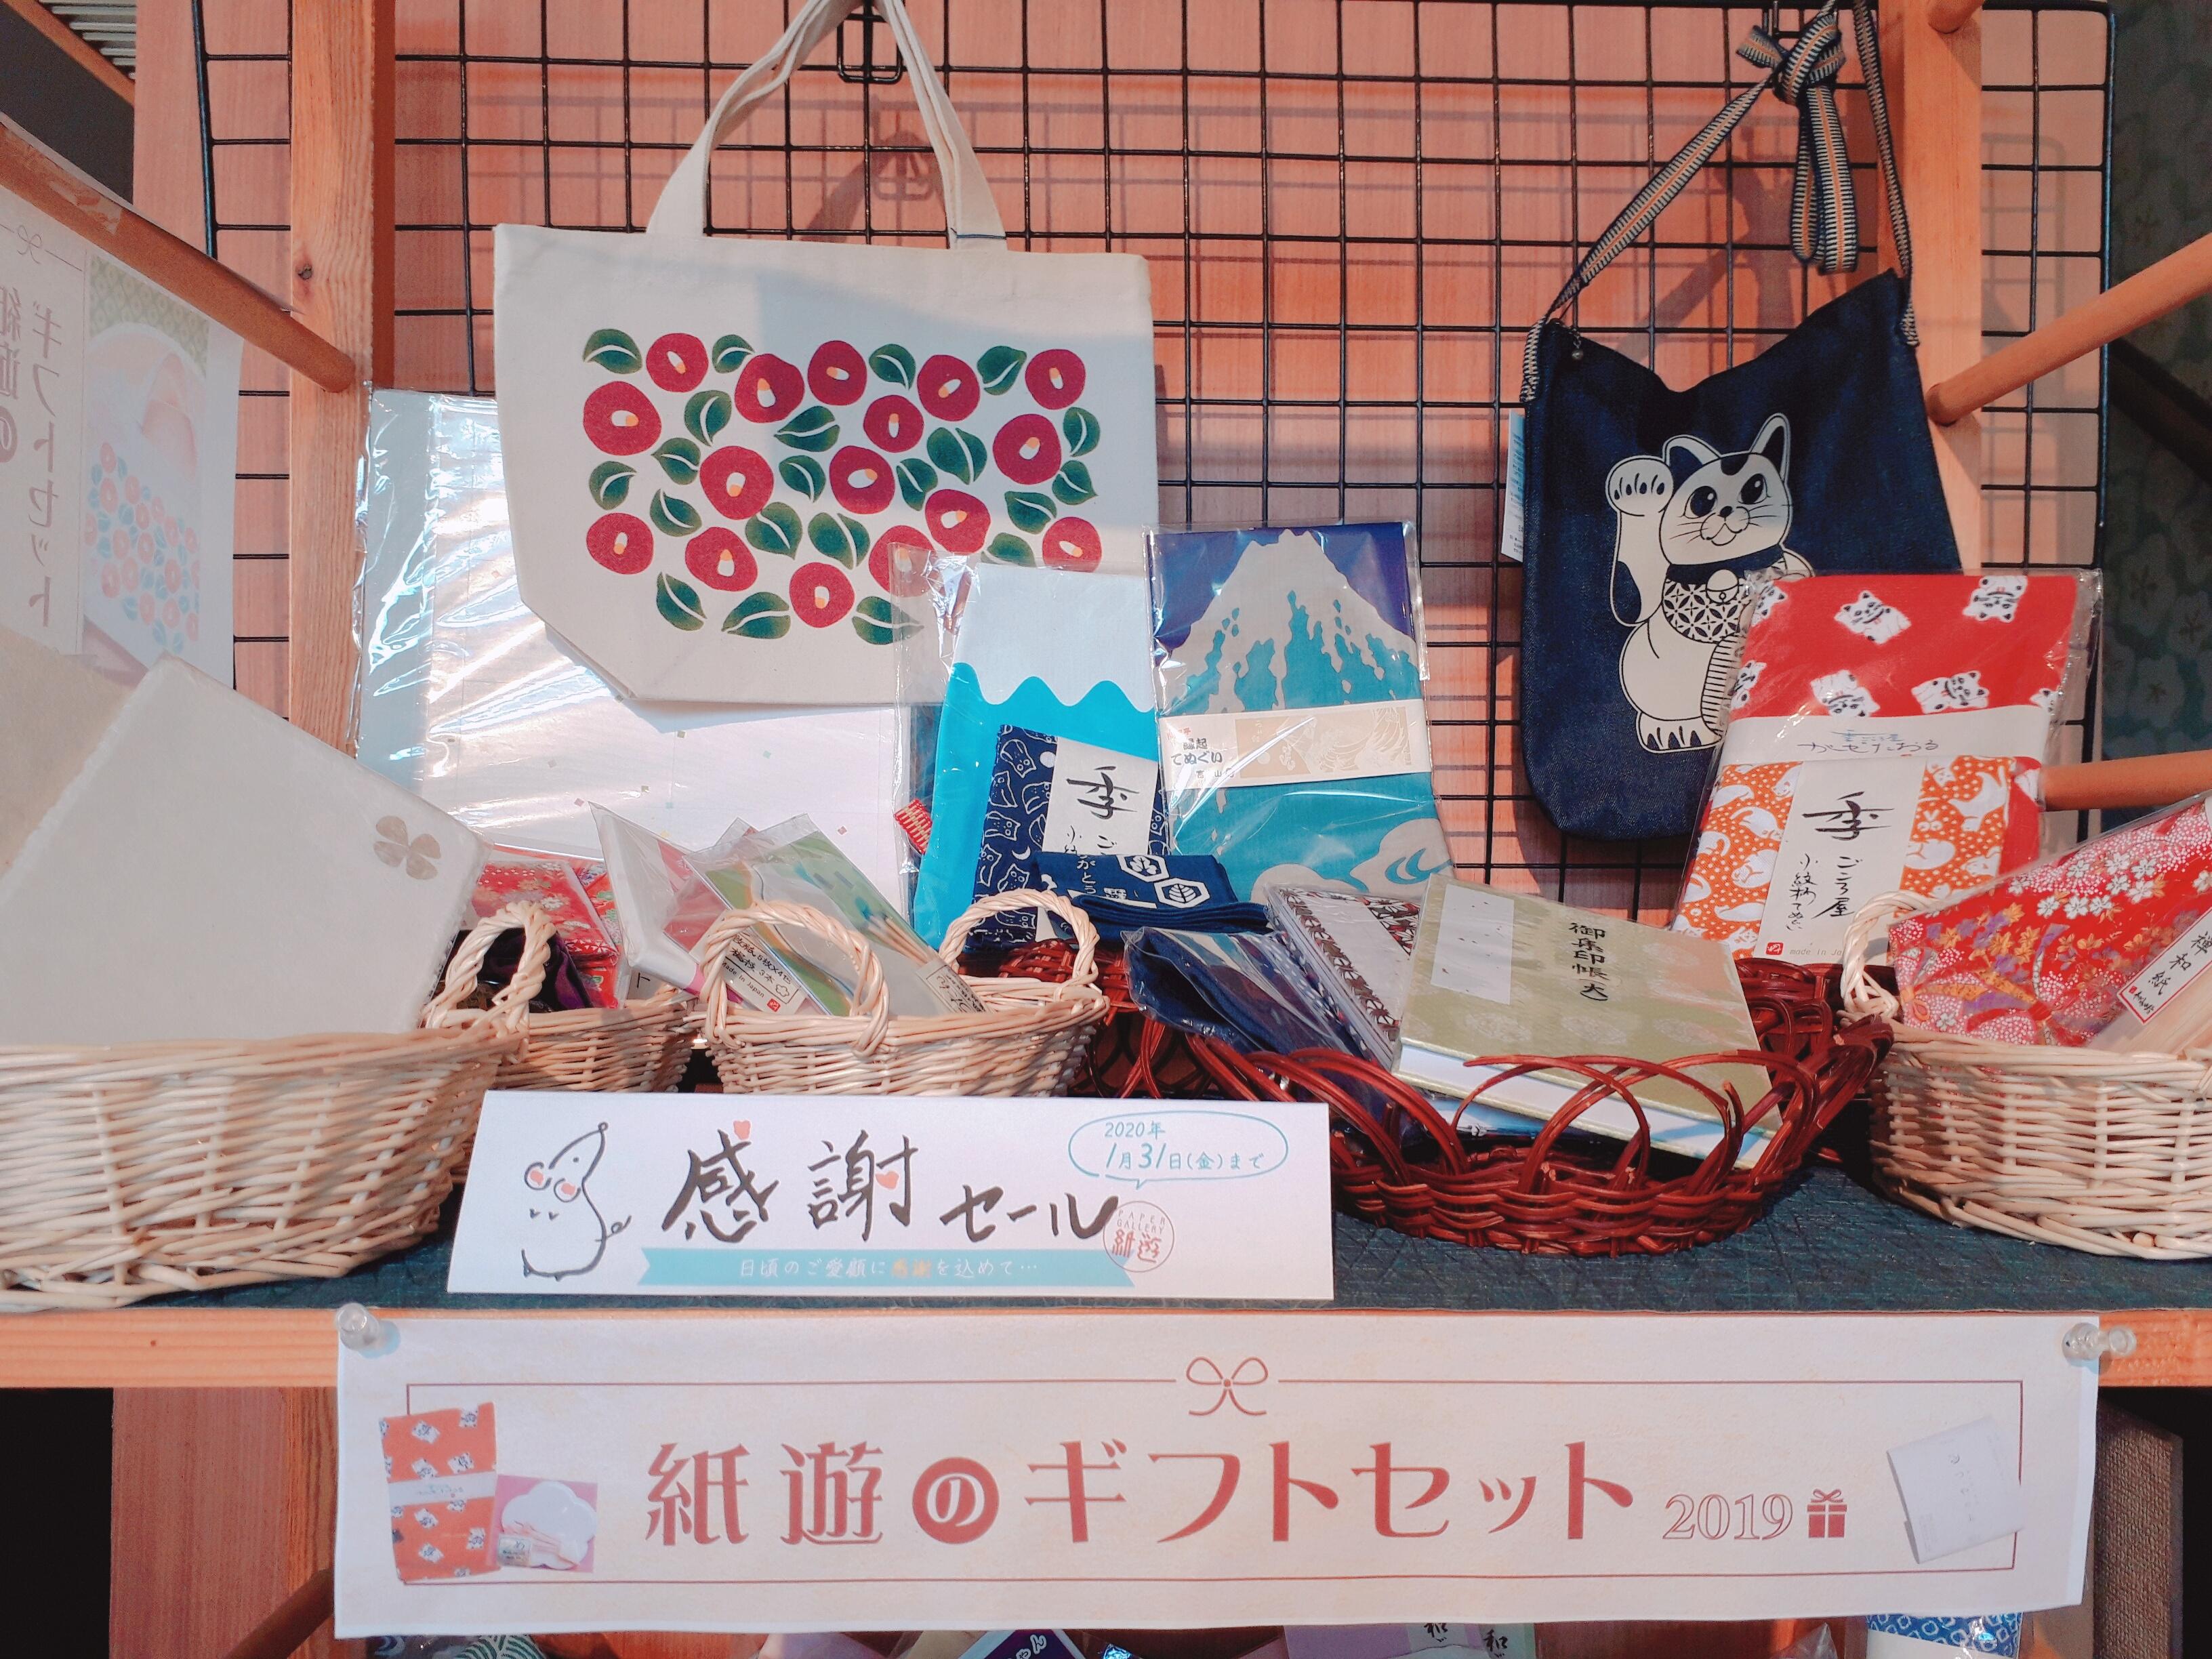 2019 紙遊ギフトセットキャンペーン開催中!